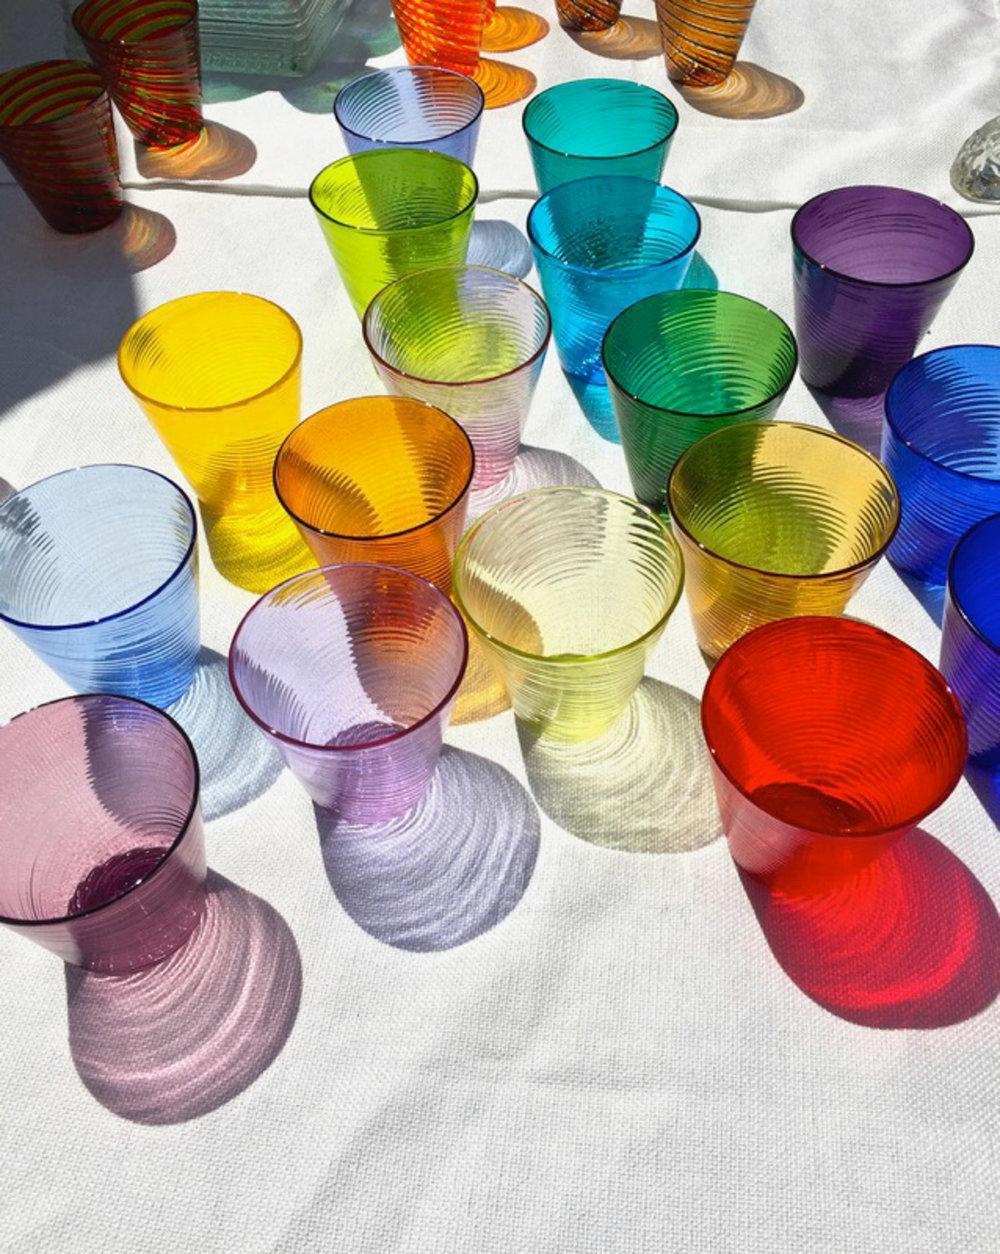 Olive-Glass_Italian-Art-Glass_Corrie-Haight_Lark-Dalton-20161226.jpg